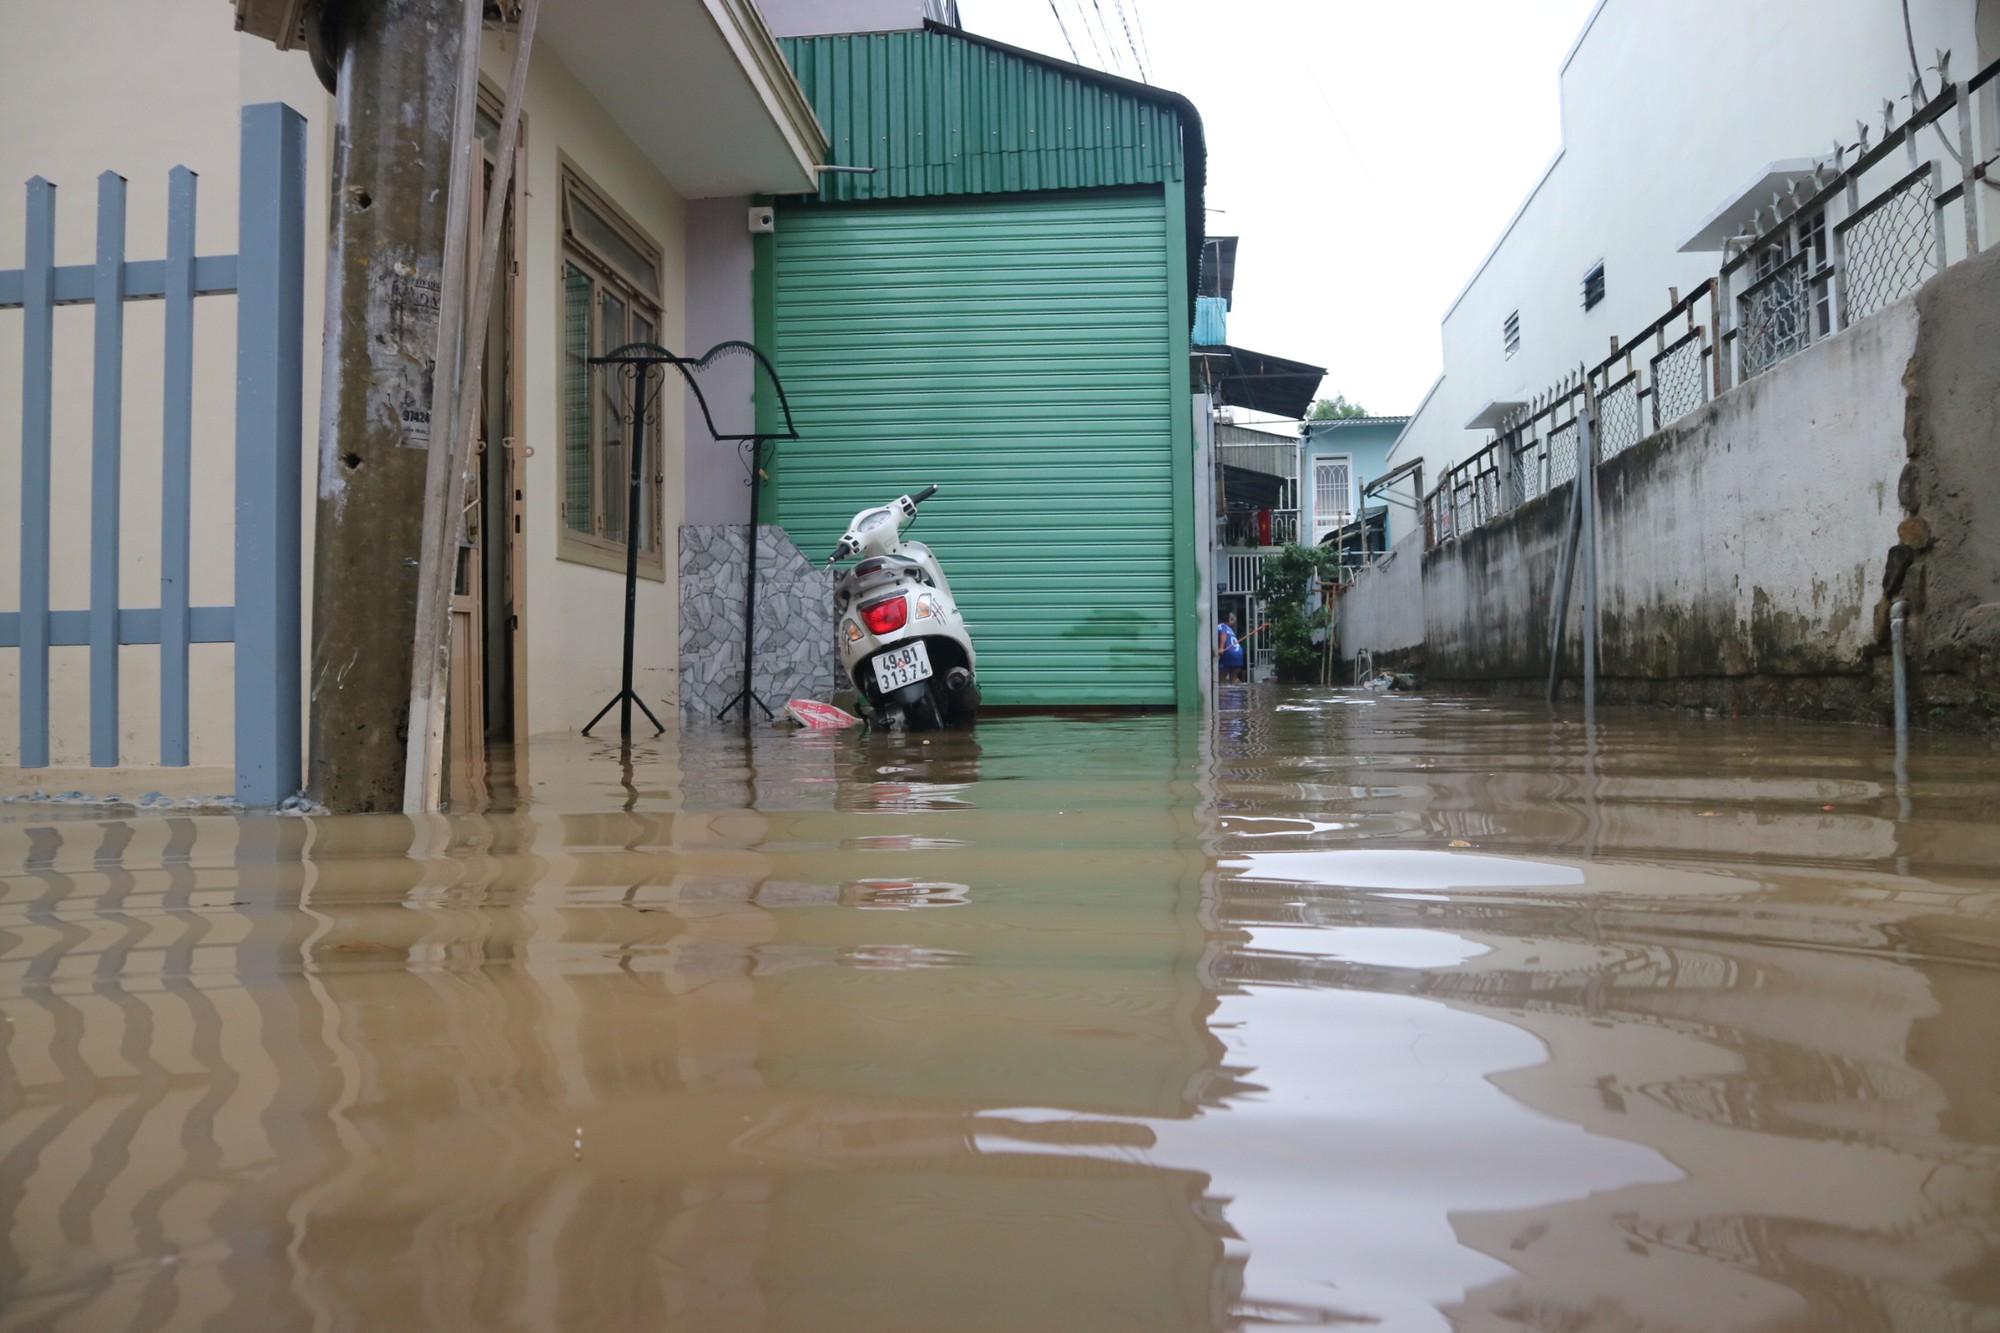 Đà Lạt mưa lớn kéo dài, nhiều nơi ngập nặng, người dân cuống cuồng lội nước - Ảnh 3.